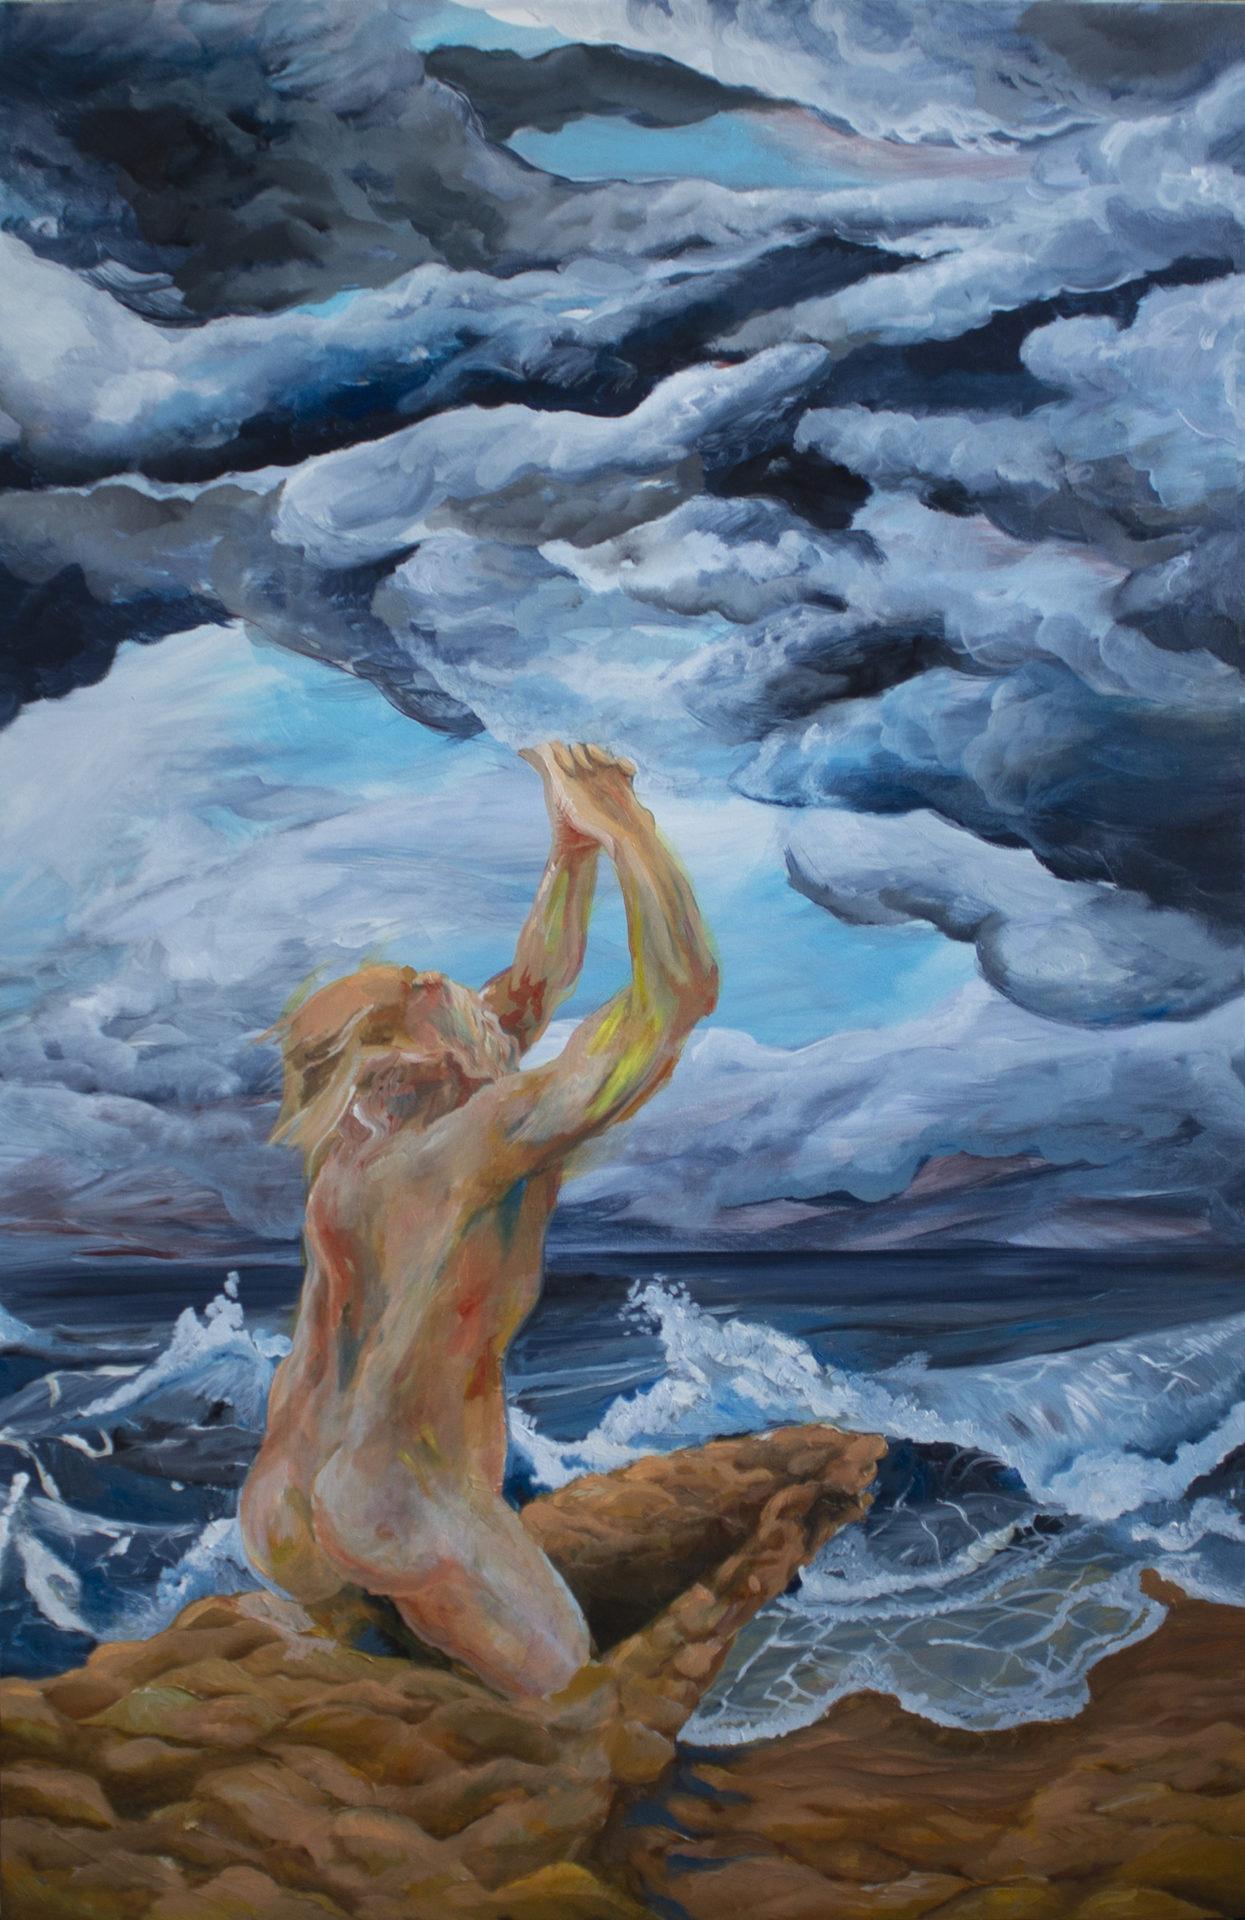 DIVINE PROVIDENCE, 2019, technique mixte : acrylique et huile sur toile, 114 x 75 cm